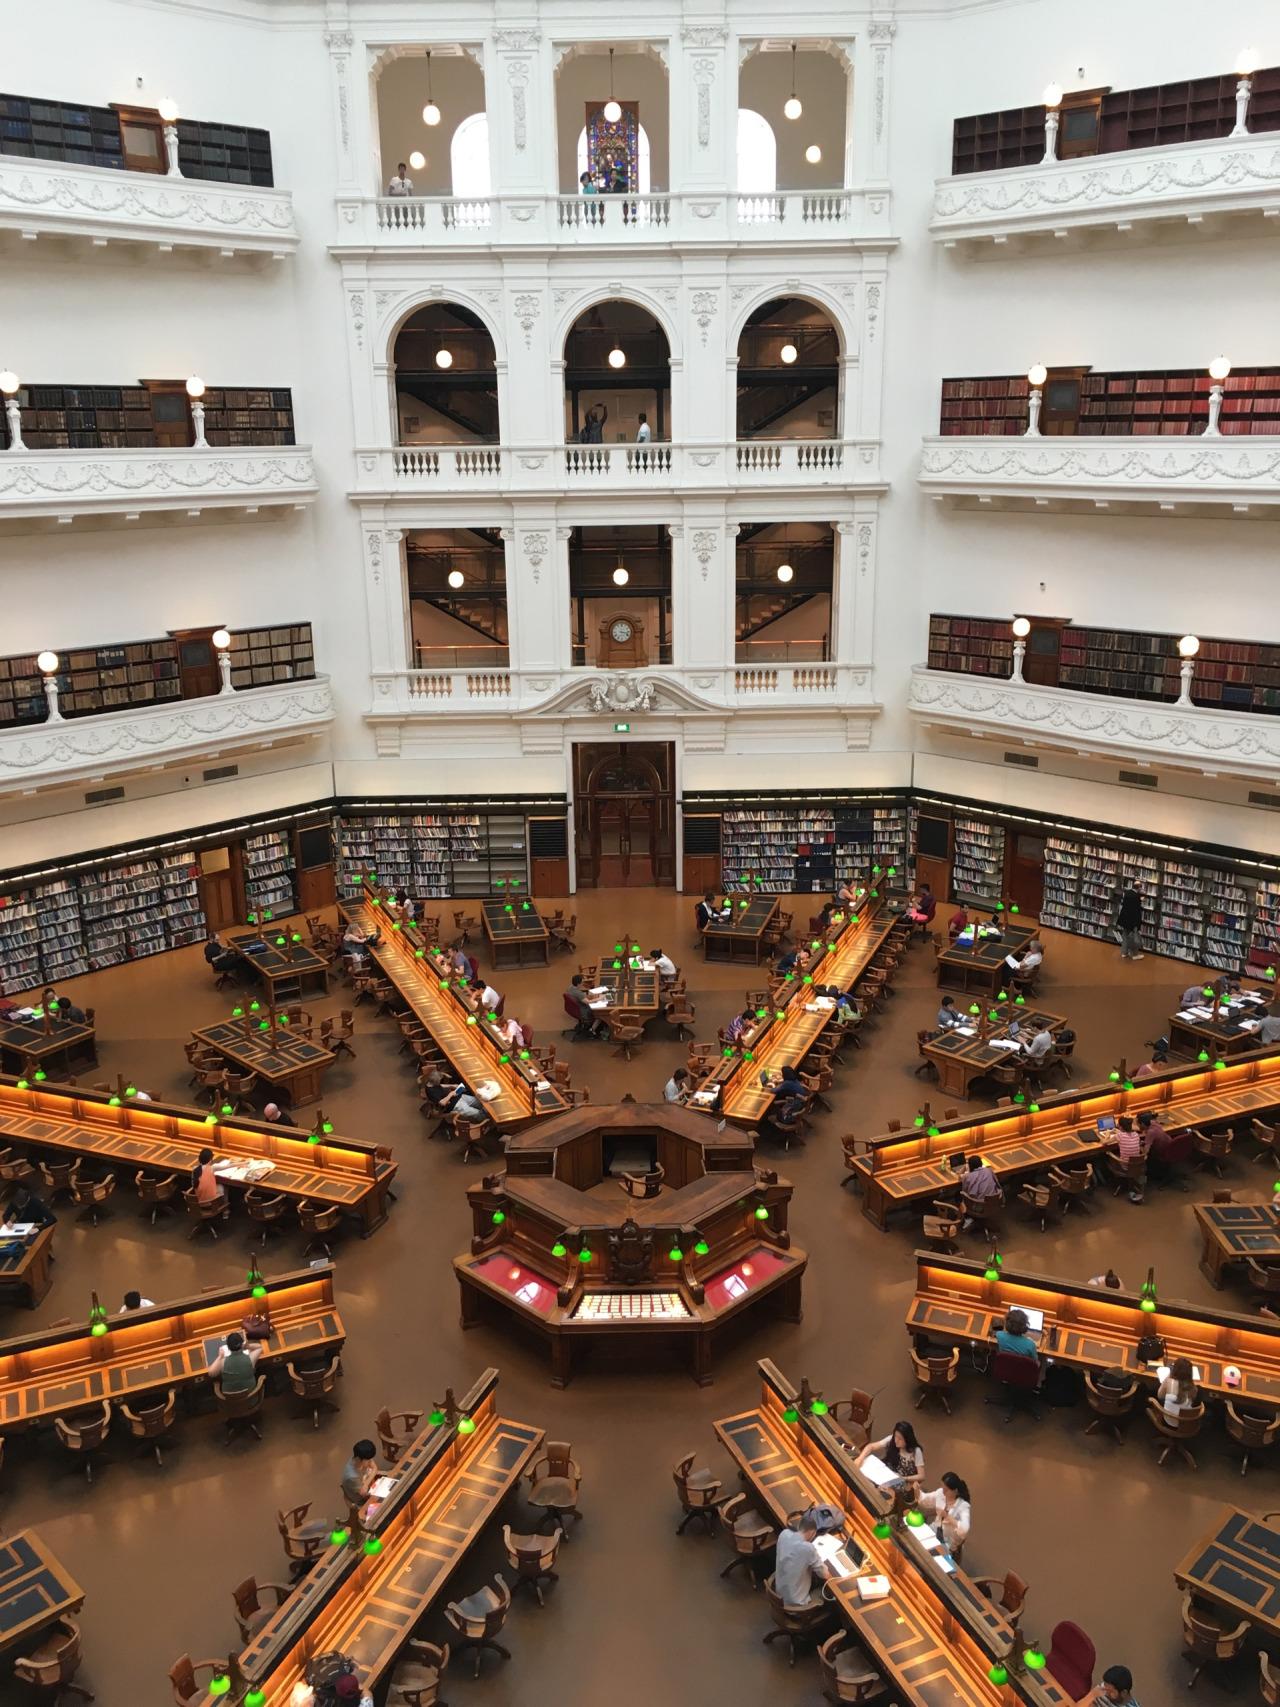 State Library of Victoria in Melbourne, Australia.